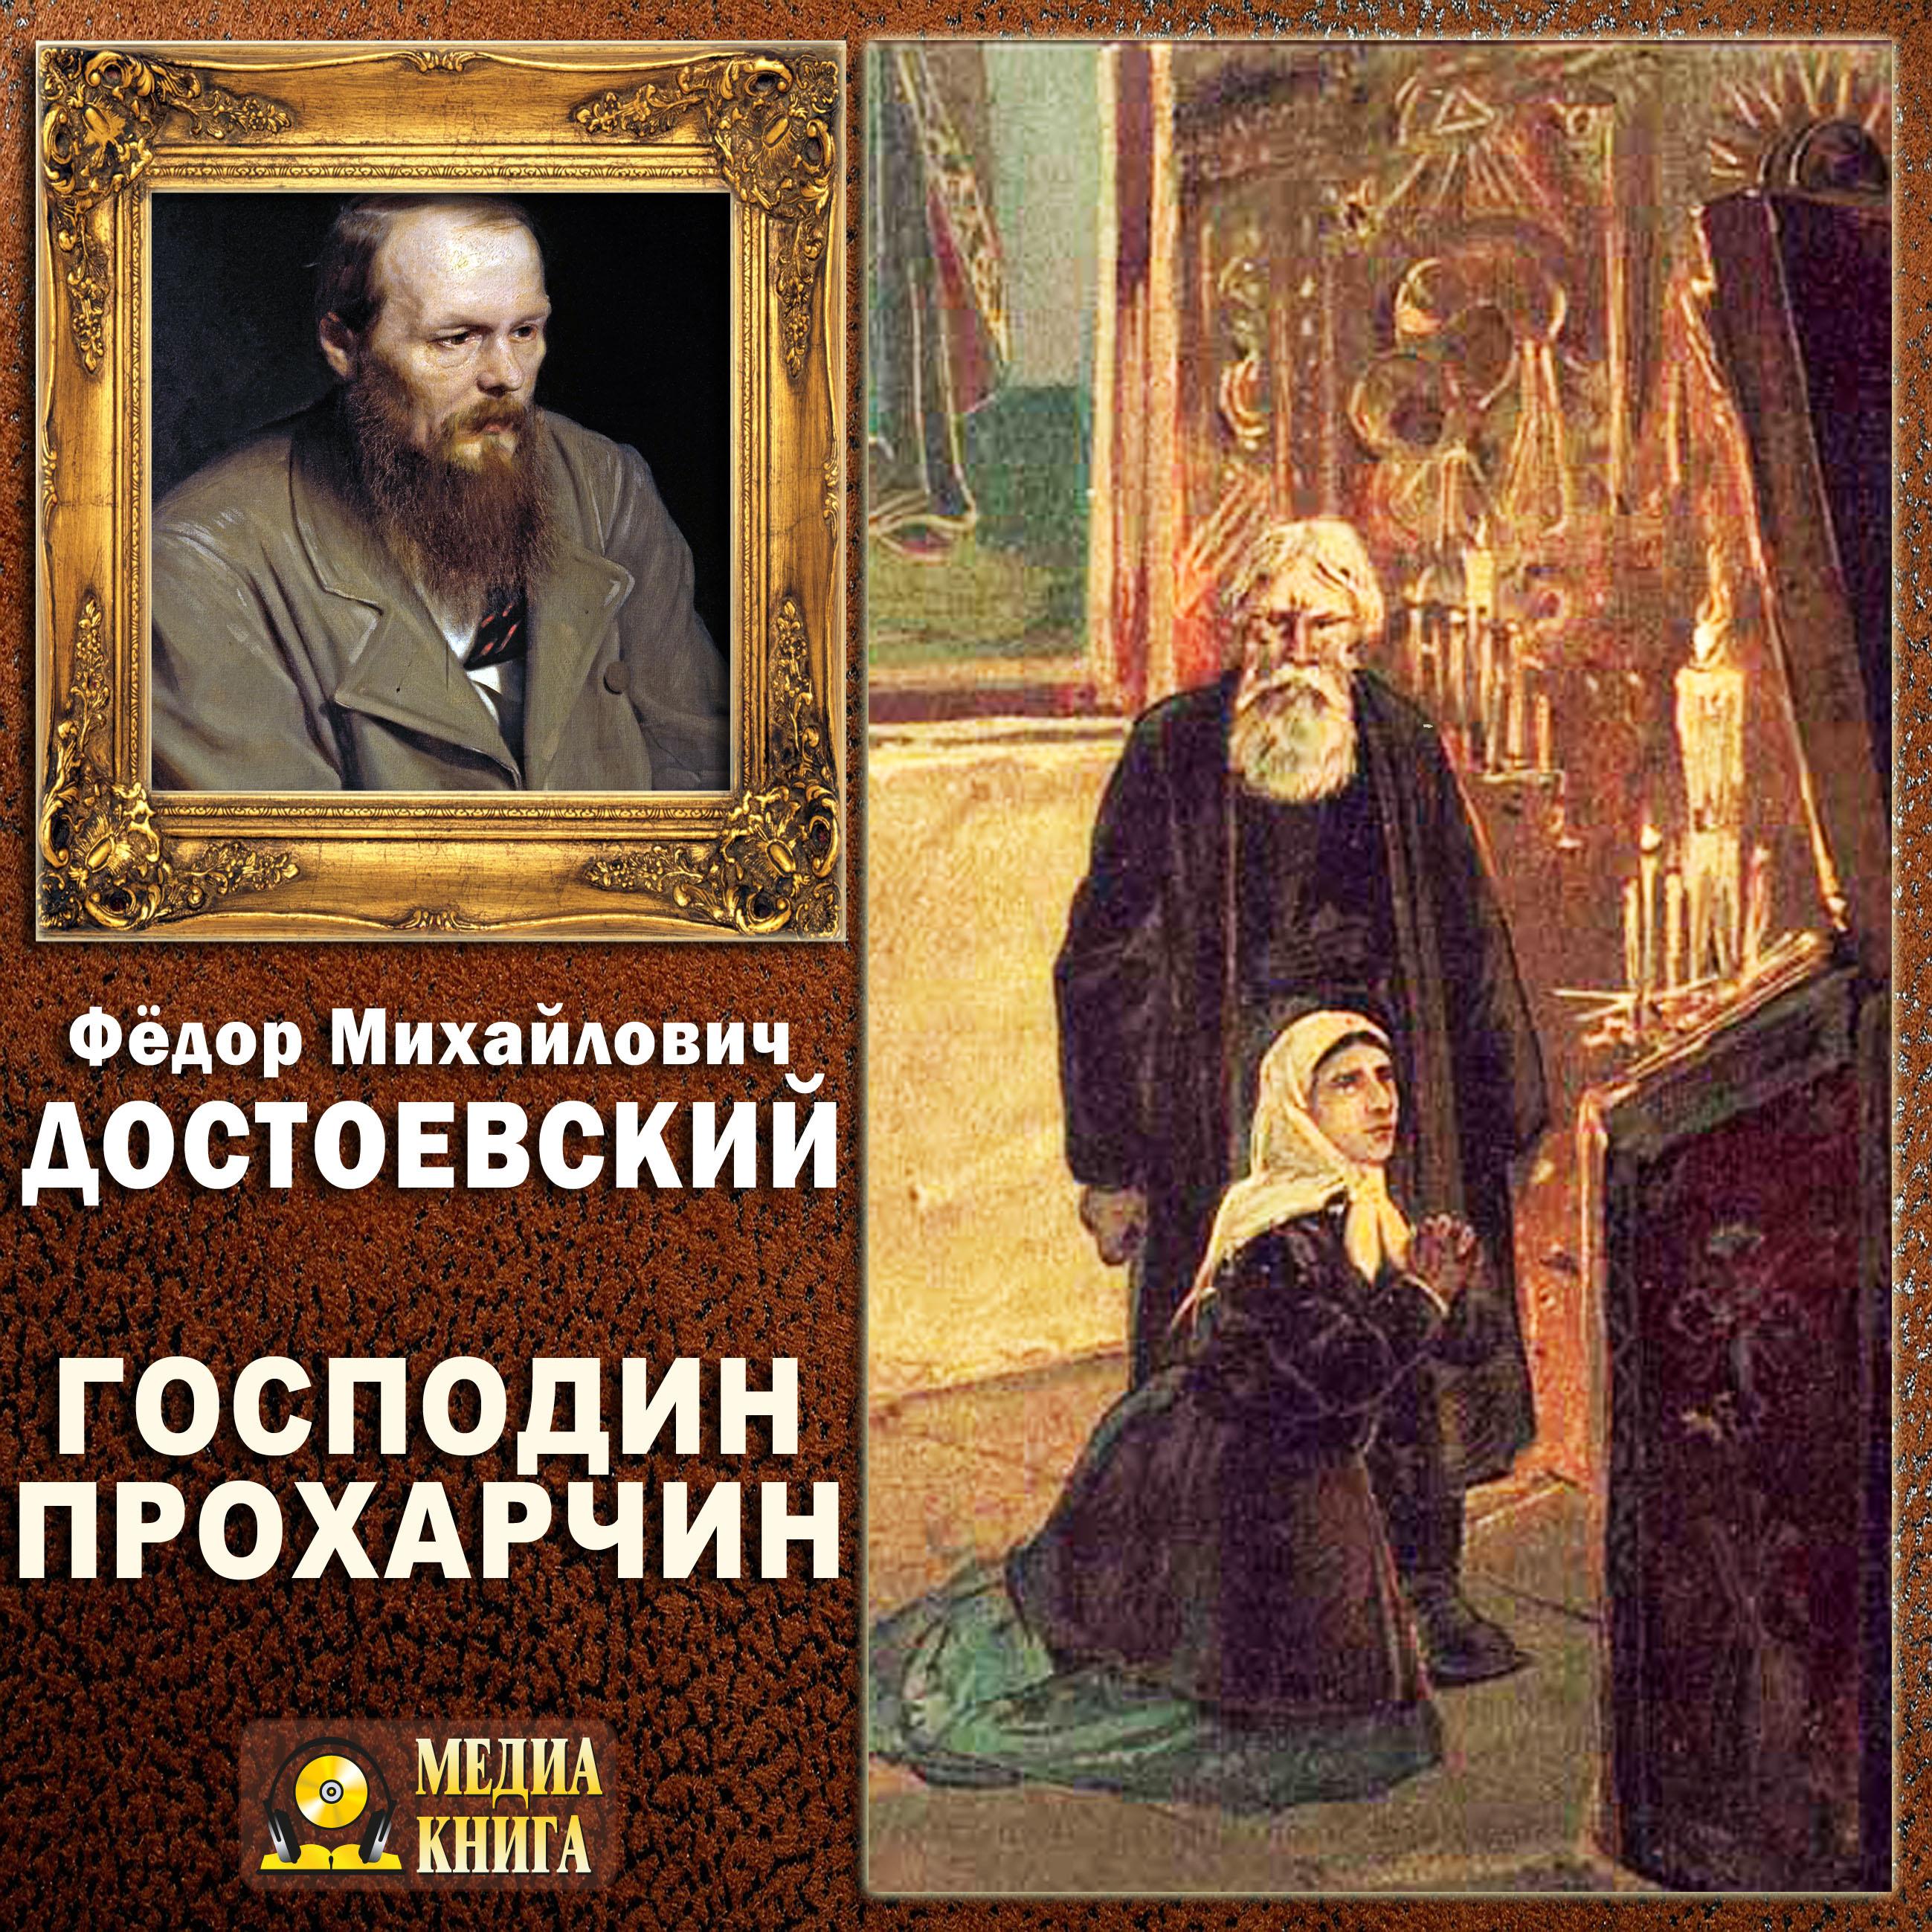 Федор Достоевский Господин Прохарчин цены